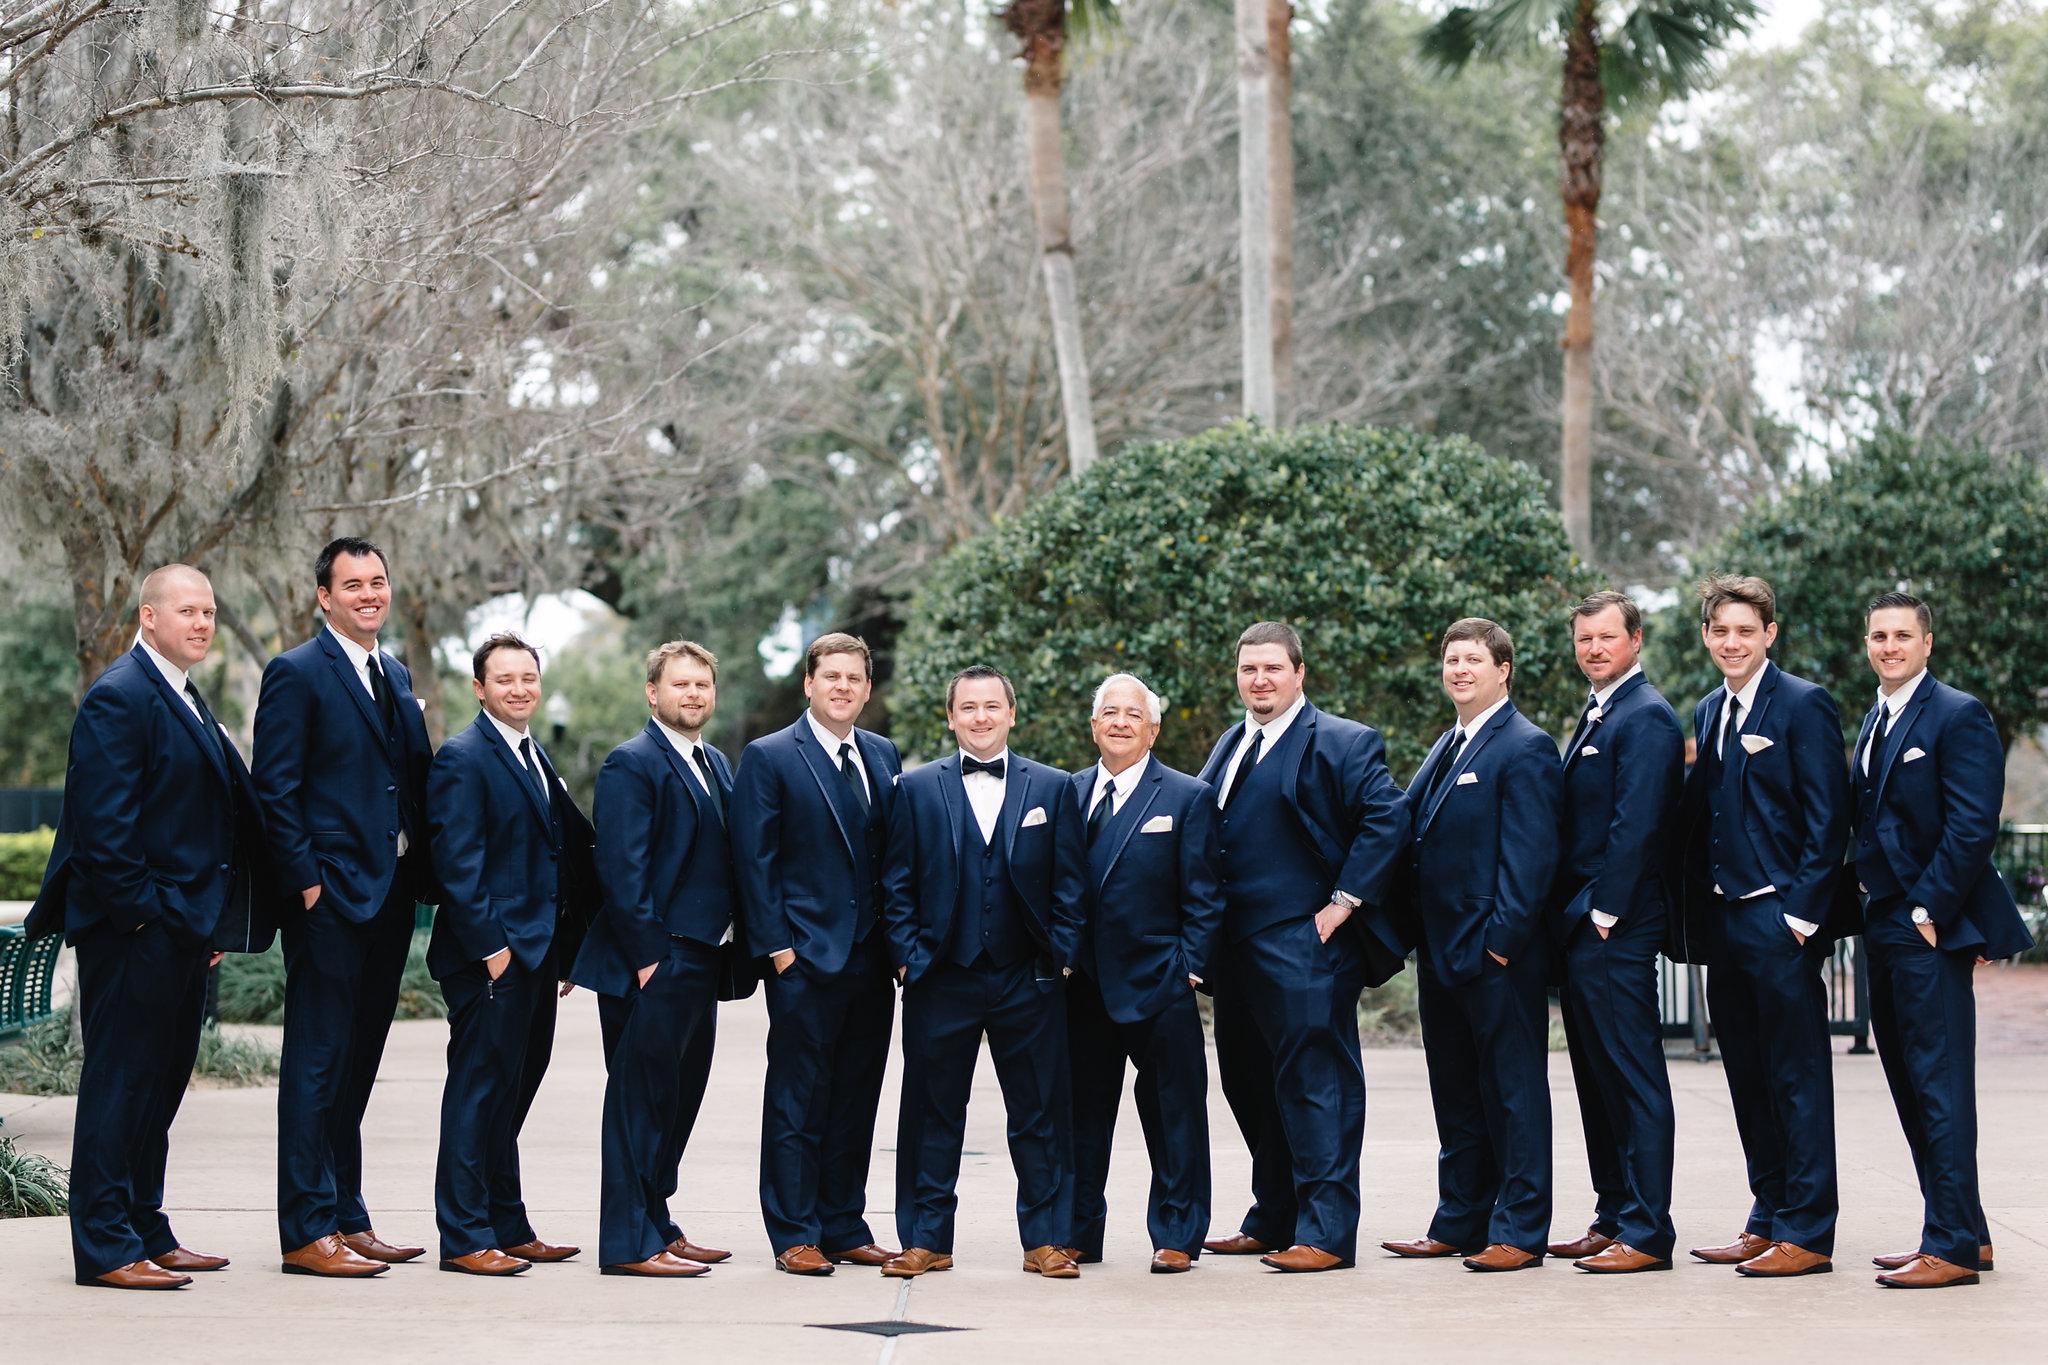 Trey and his groomsmen in navy suits